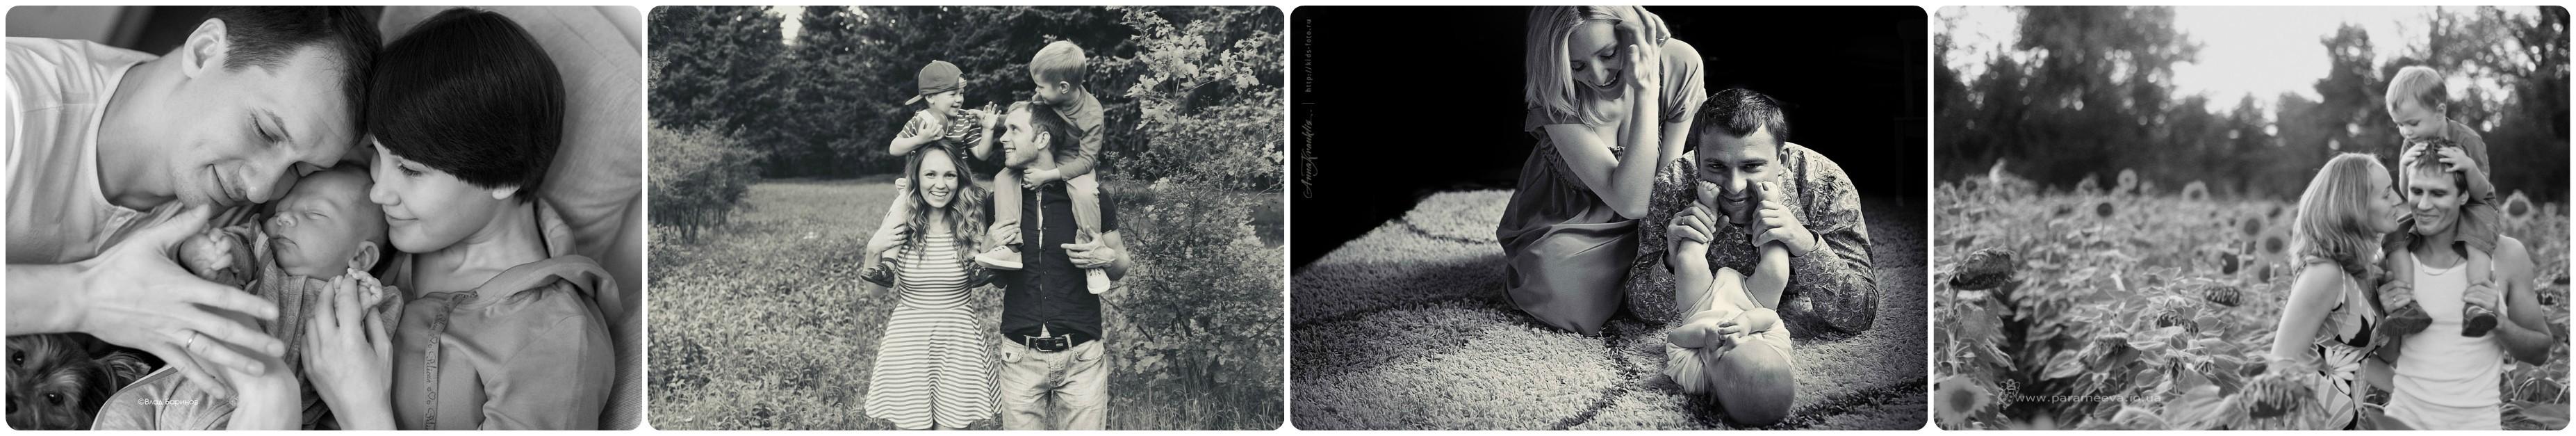 семейная фотосессия в черно-белых тонах